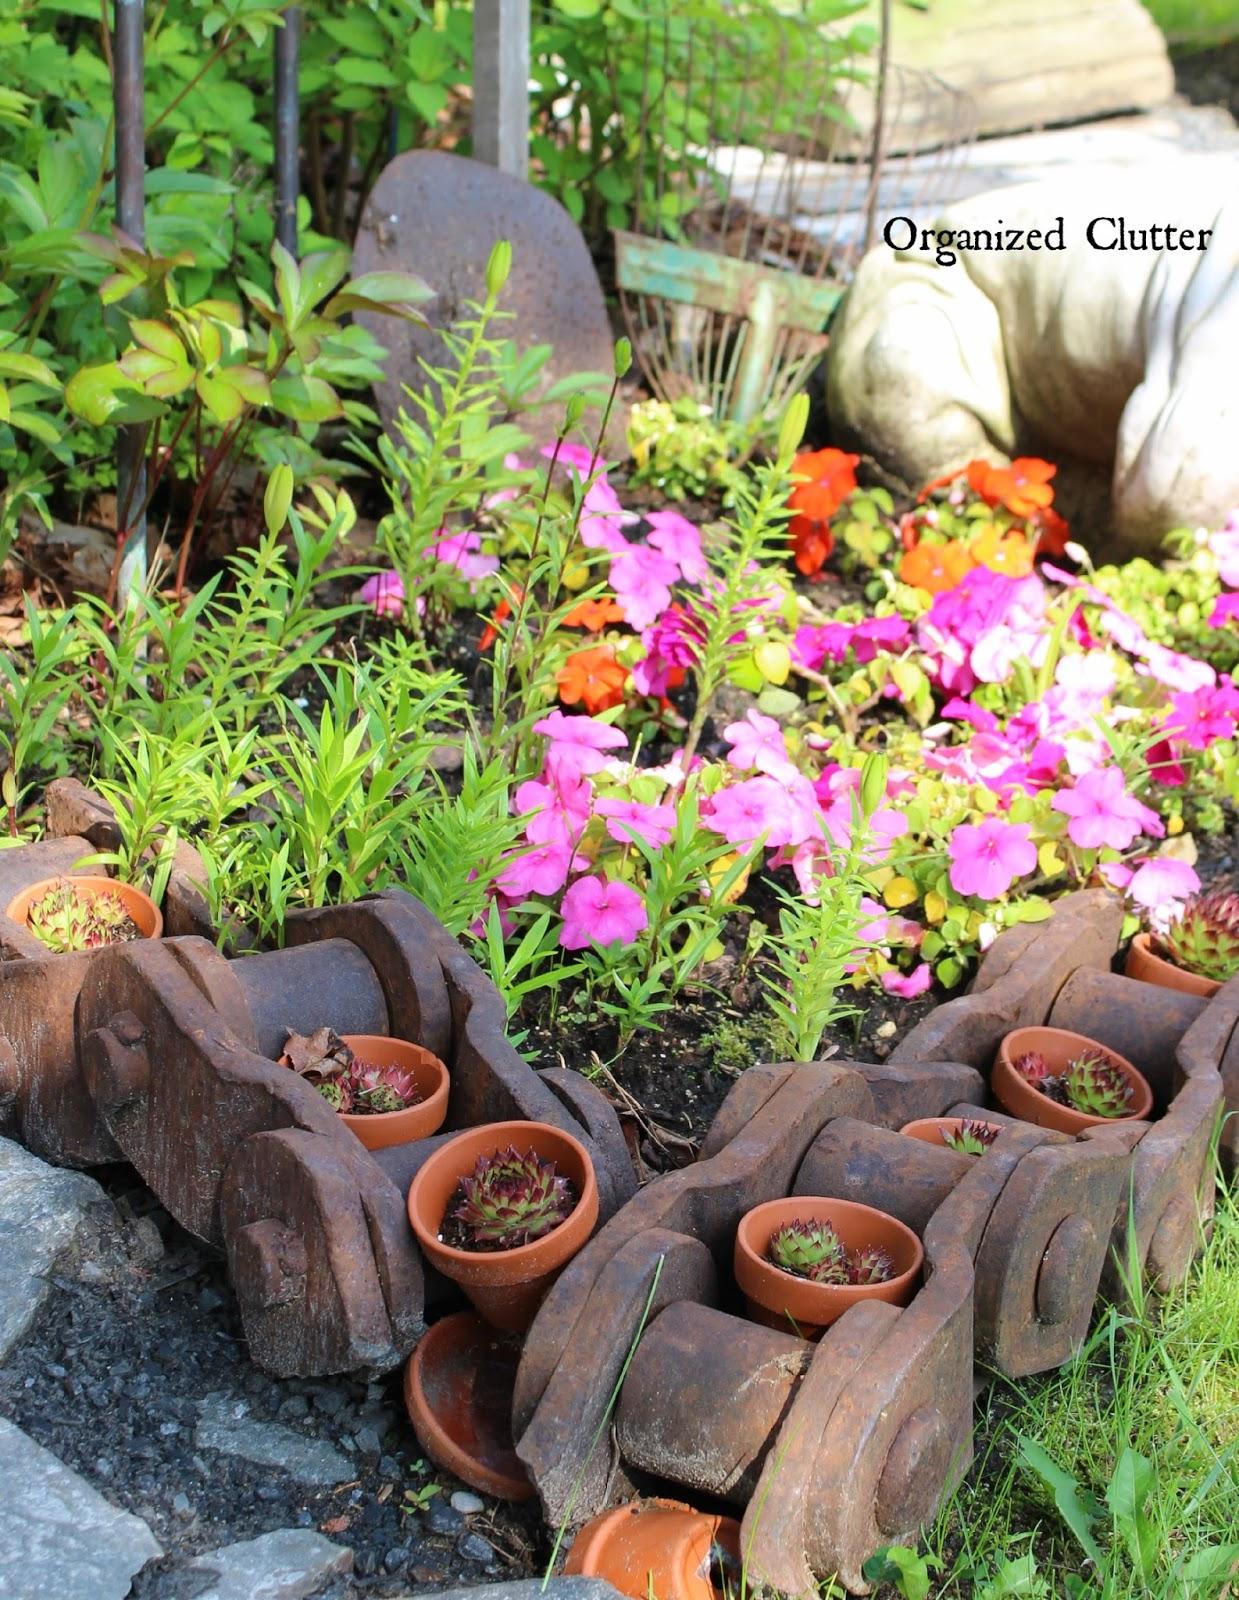 Rusty Industrial Junk Garden Decor | Organized Clutter